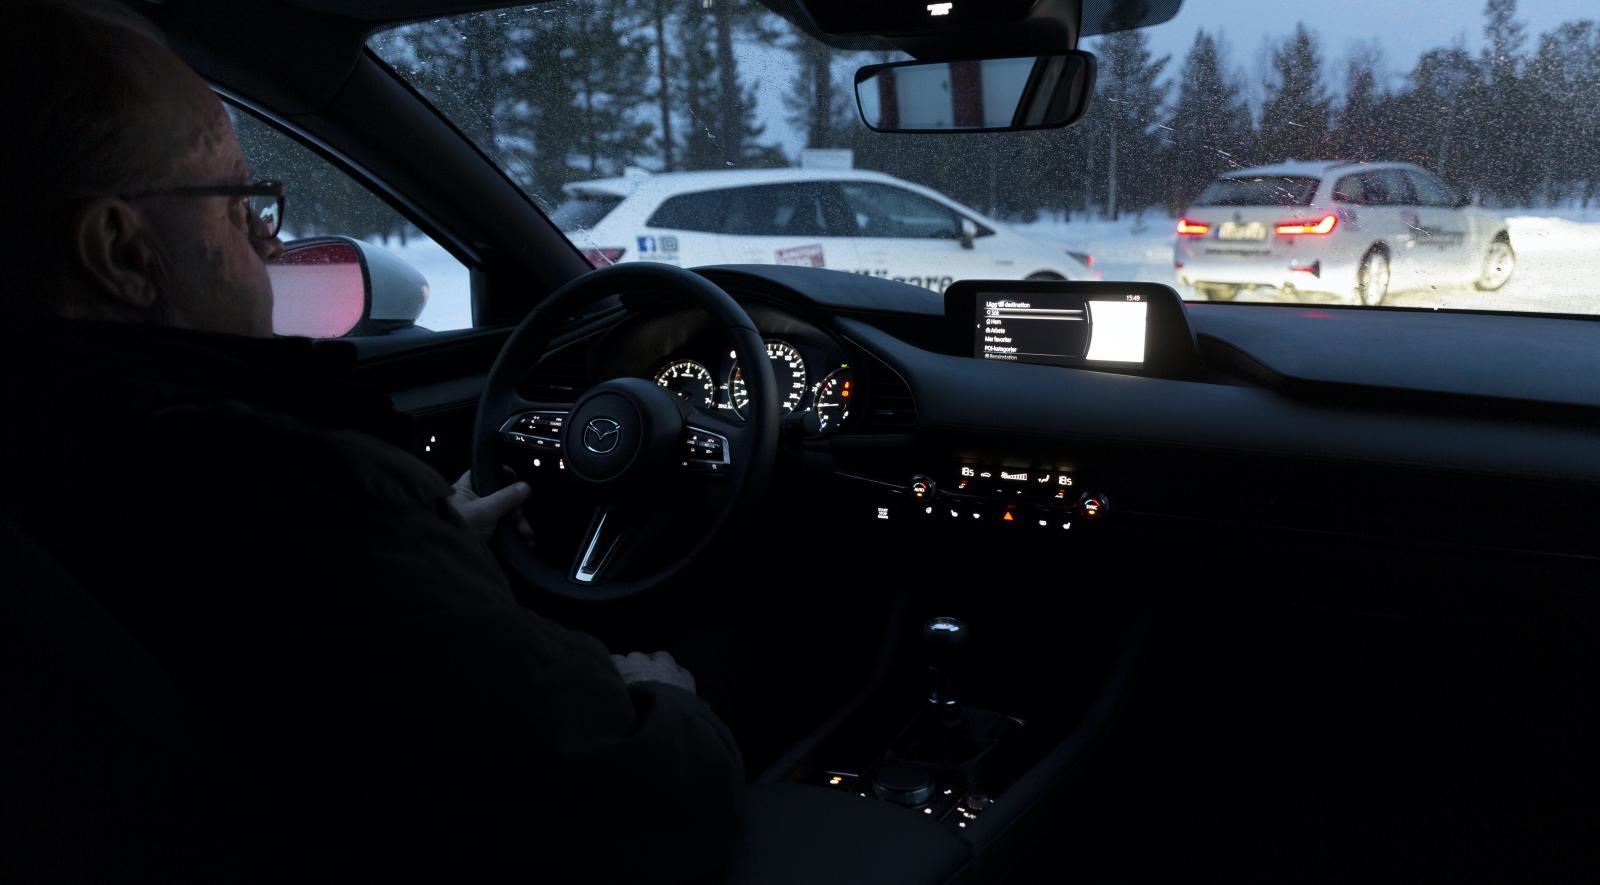 Mazdas kupé är alldeles svart i vår bil och känns som en kolkällare när mörkret faller på. Det finns inga ljuspunkter som lättar upp, utöver instrument- och reglagefunktionerna.